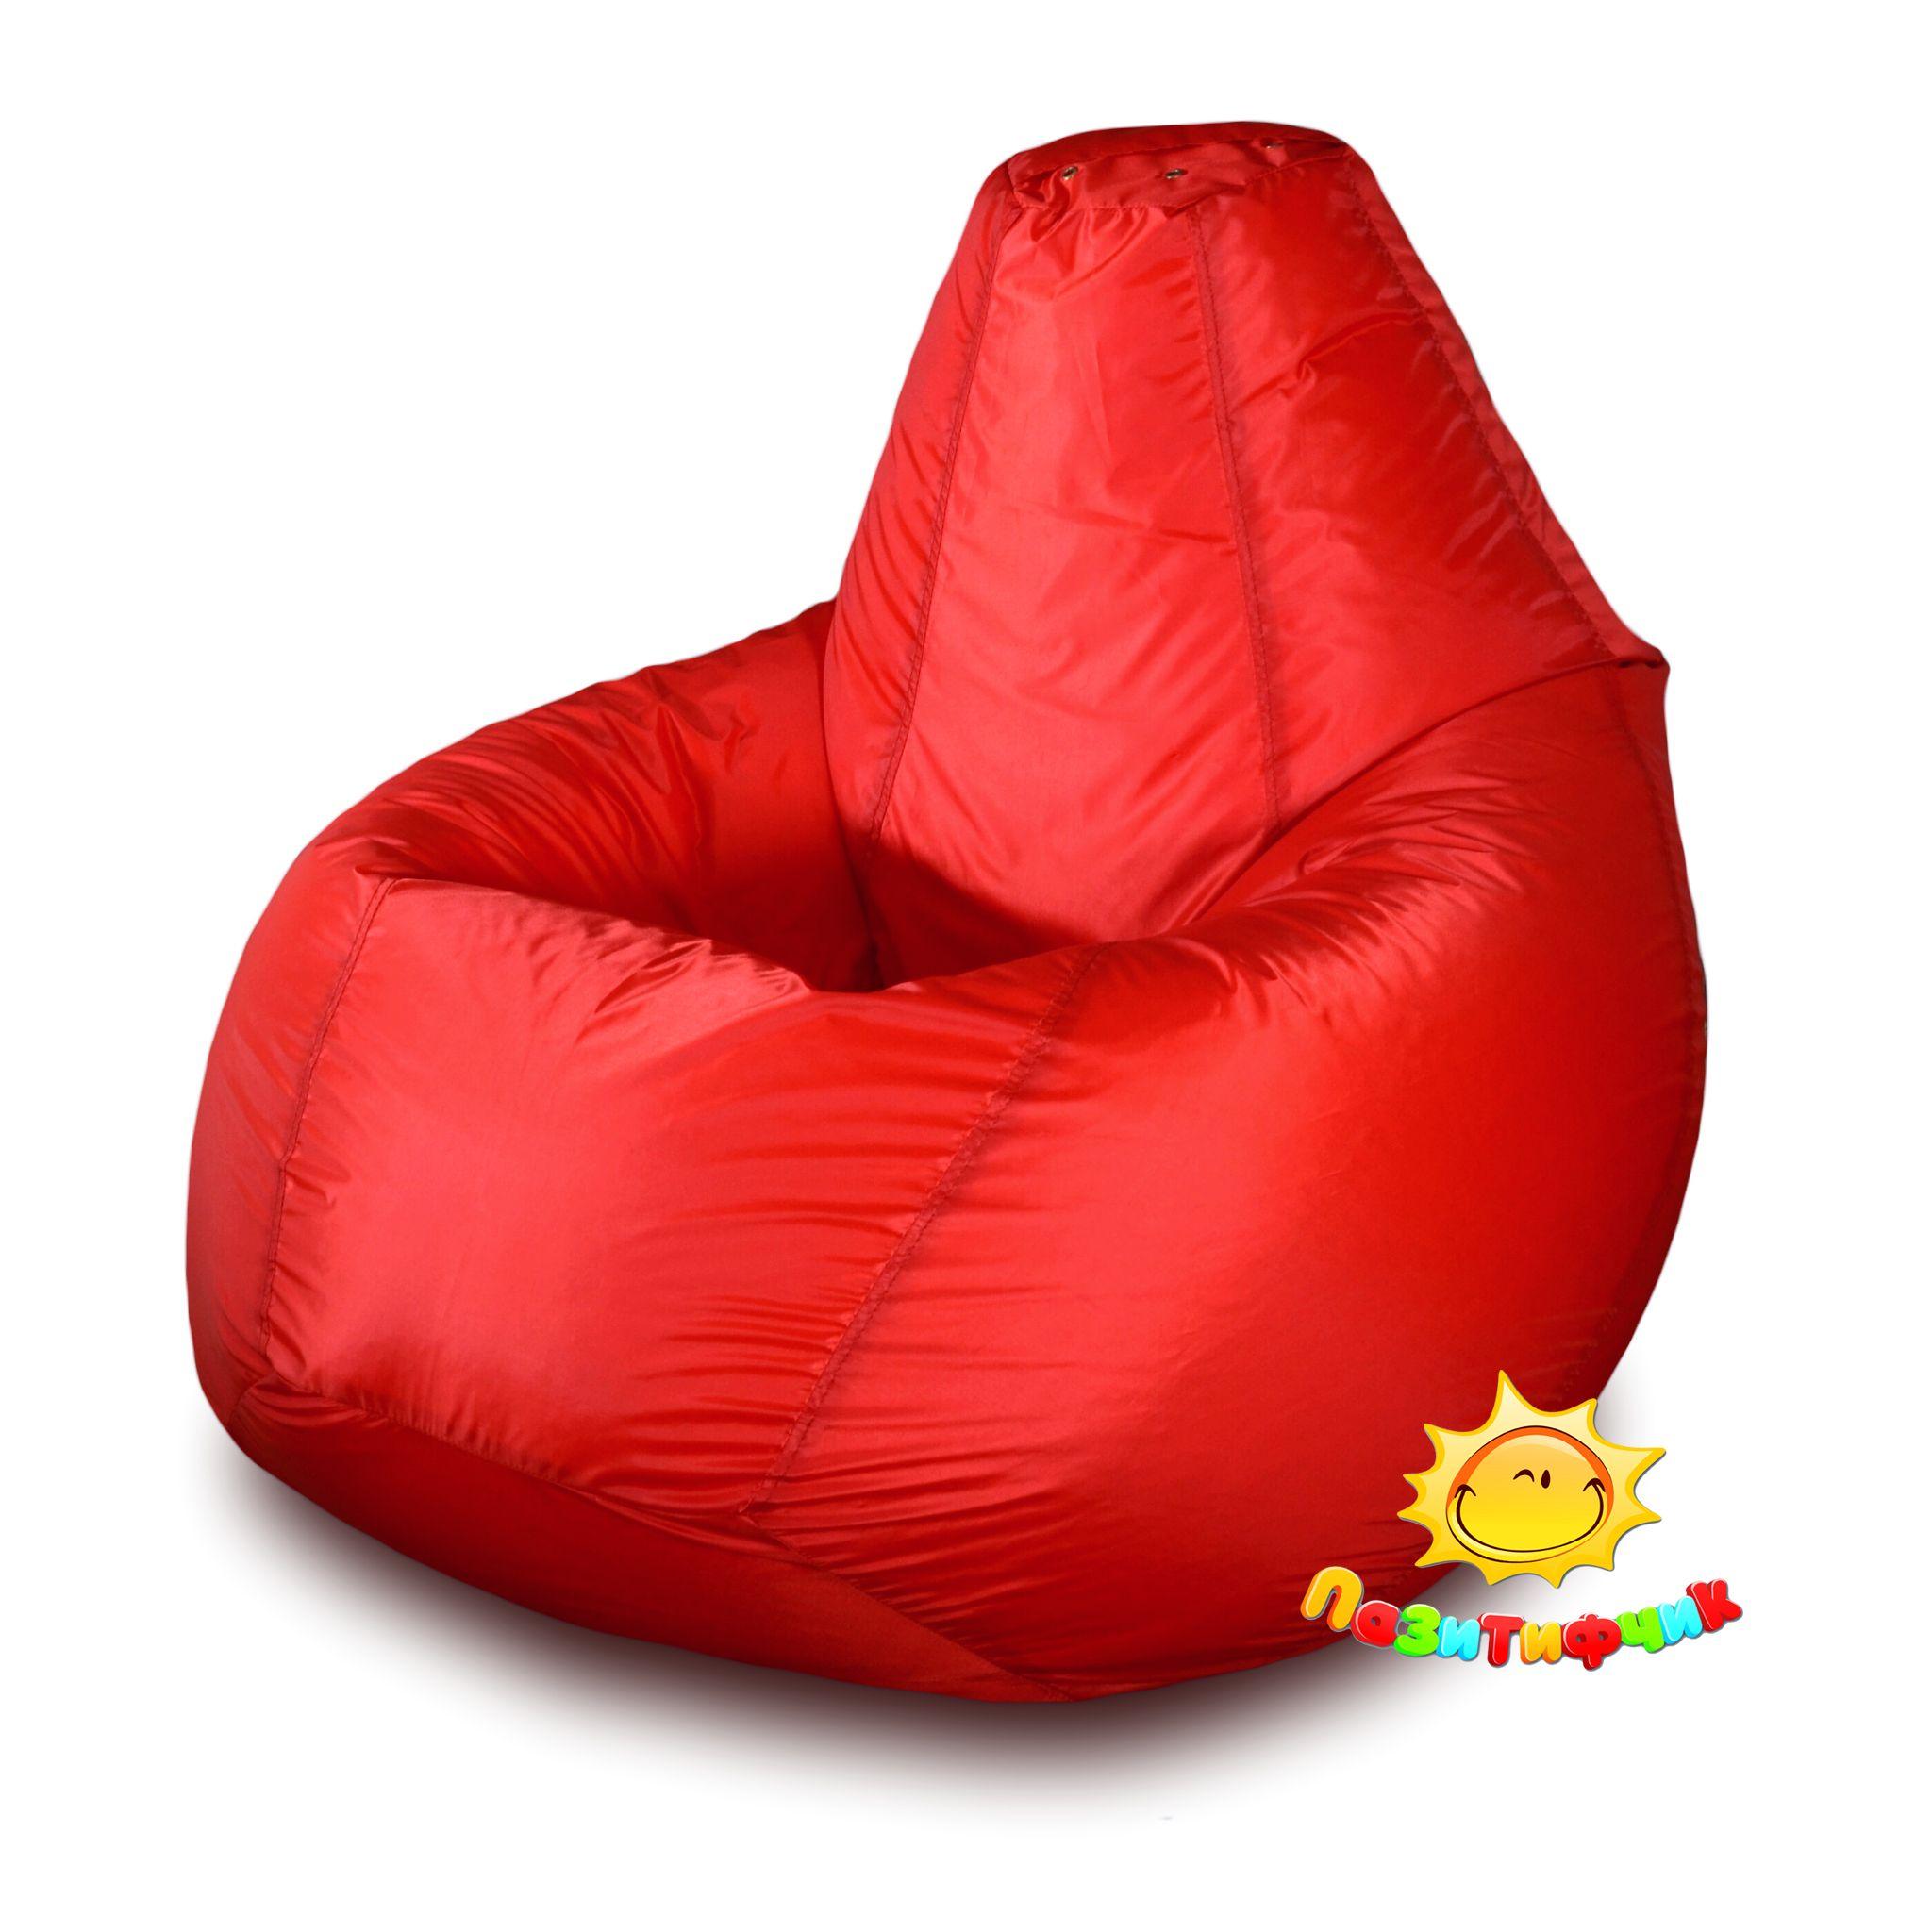 Кресло-мешок Pazitif Груша Пазитифчик Оксфорд, размер XXXL, оксфорд, красный фото